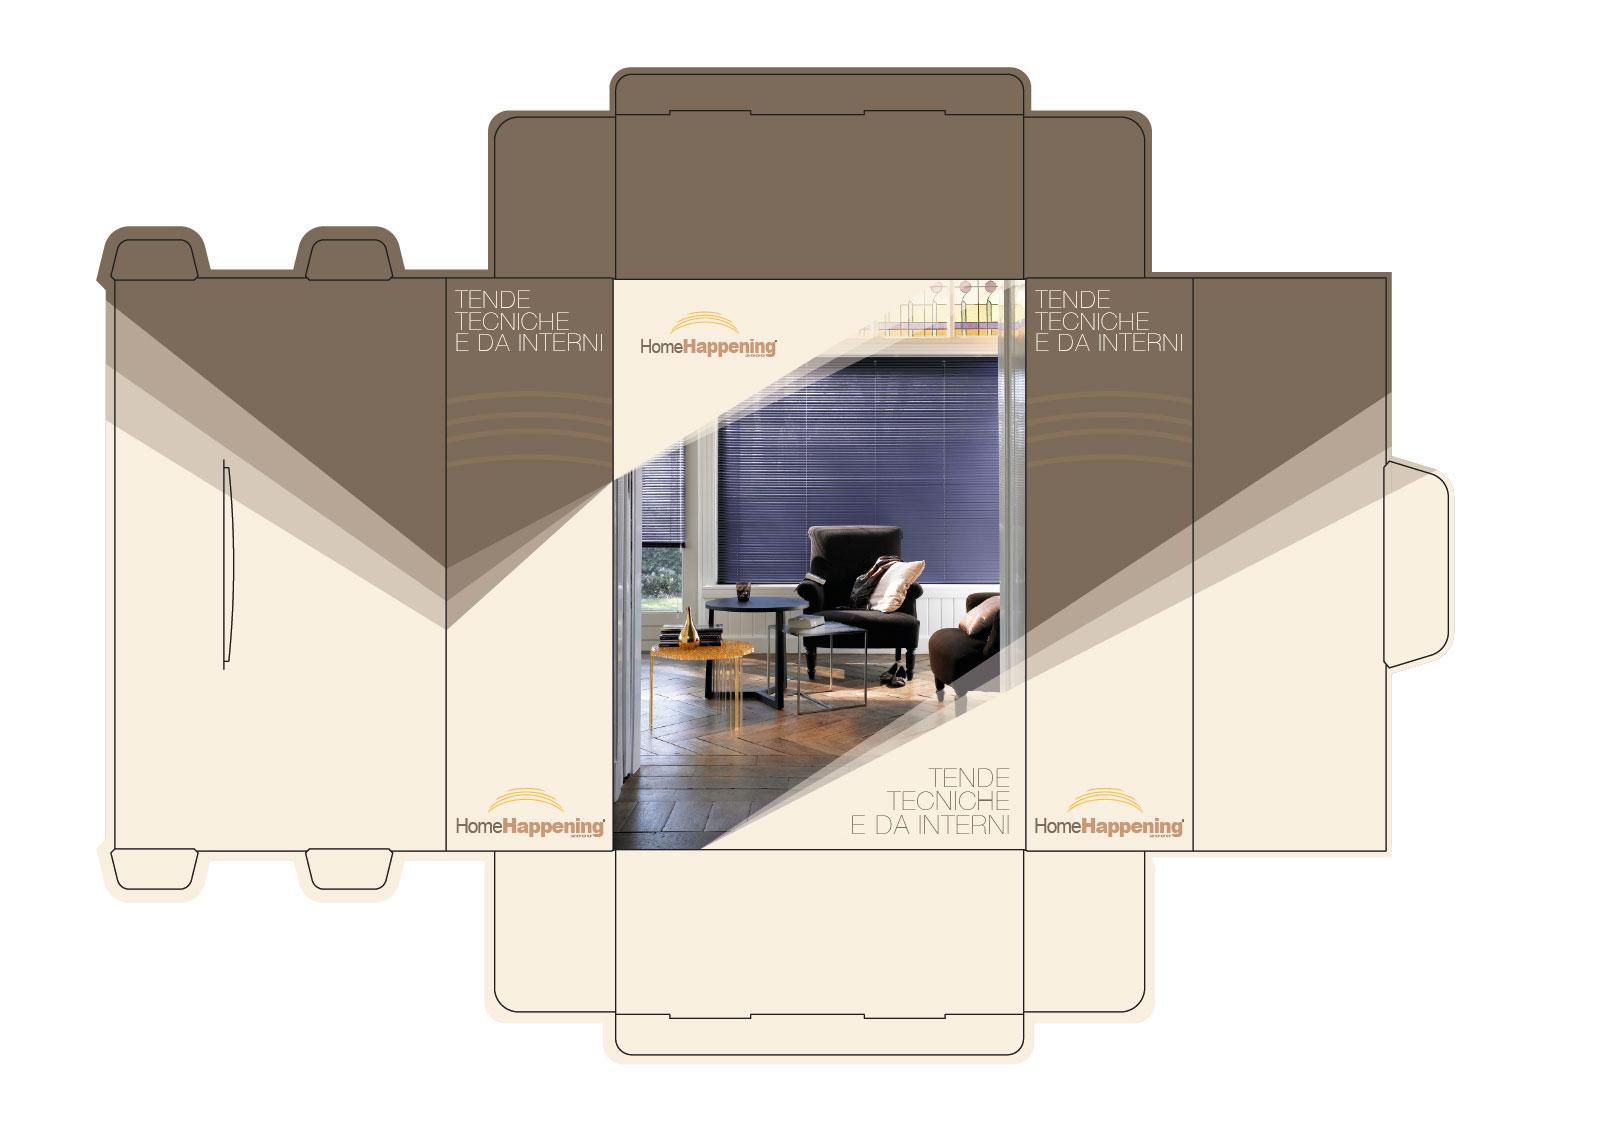 Mockup-Cartella-Raccoglitore---Home-Happening-2000-progetto-fustella